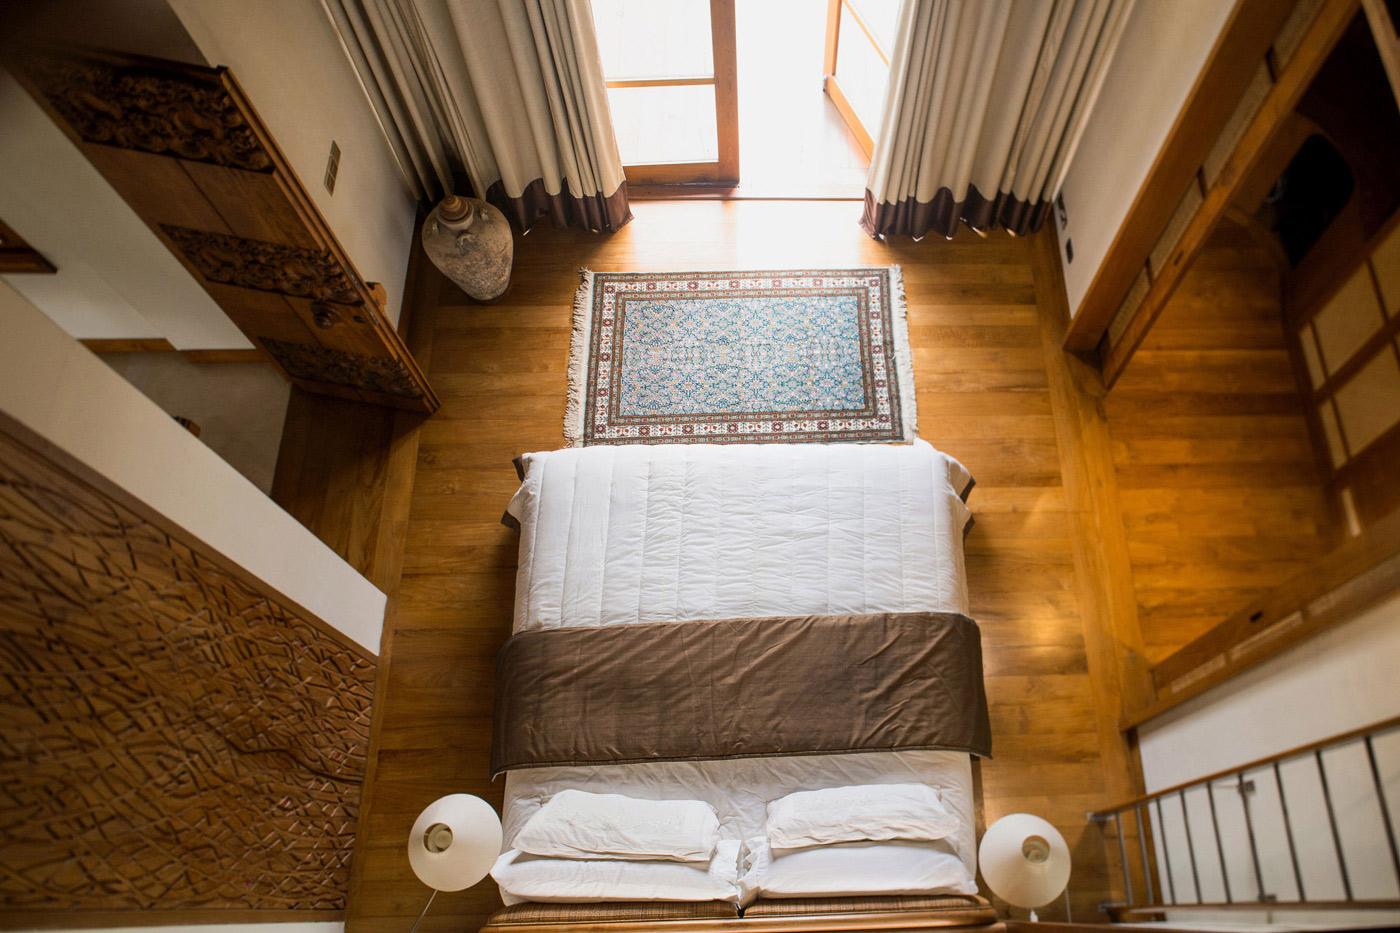 Bedroom, Wooden Flooring, Home in Kuala Lumpur, Malaysia